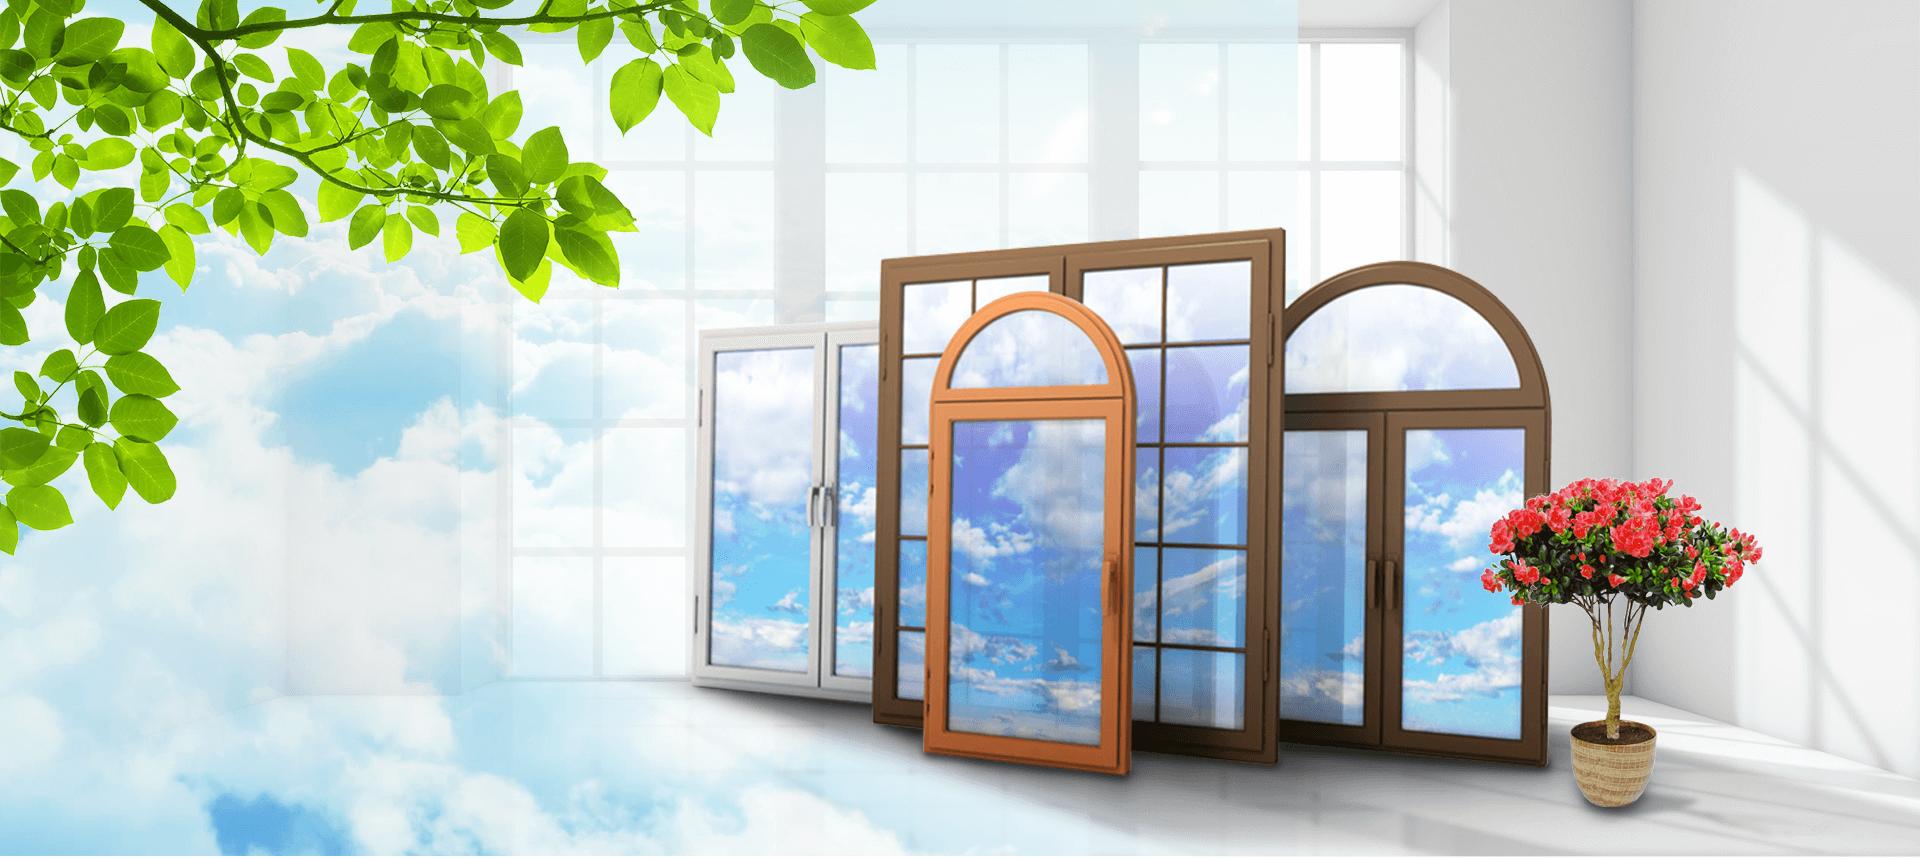 анатаза связана картинка окна пвх для рекламы обстоятельством активно